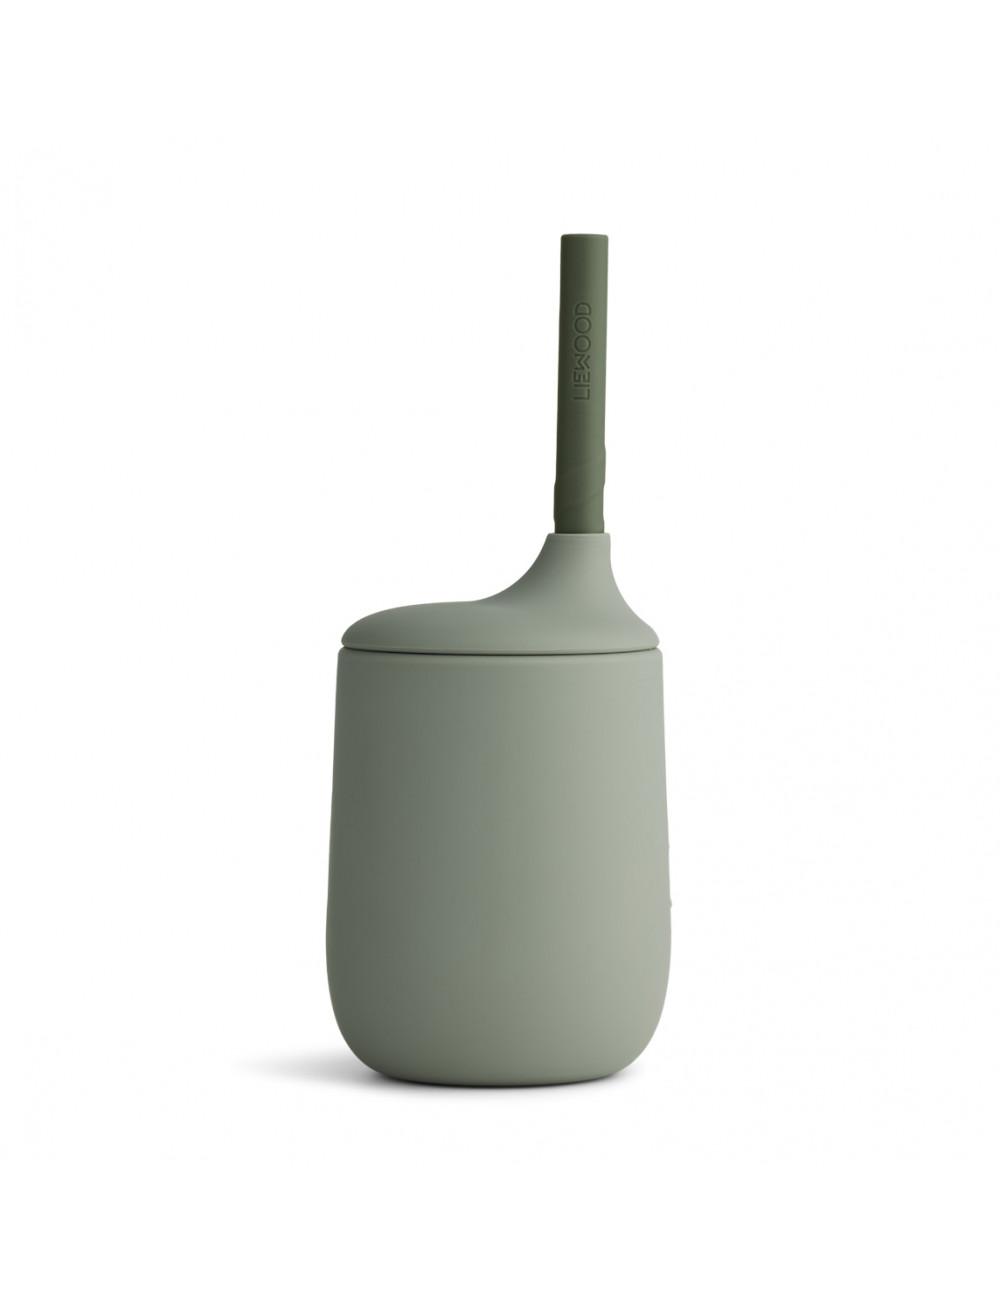 Drinkbeker met rietje Ellis | faune green/hunter green mix